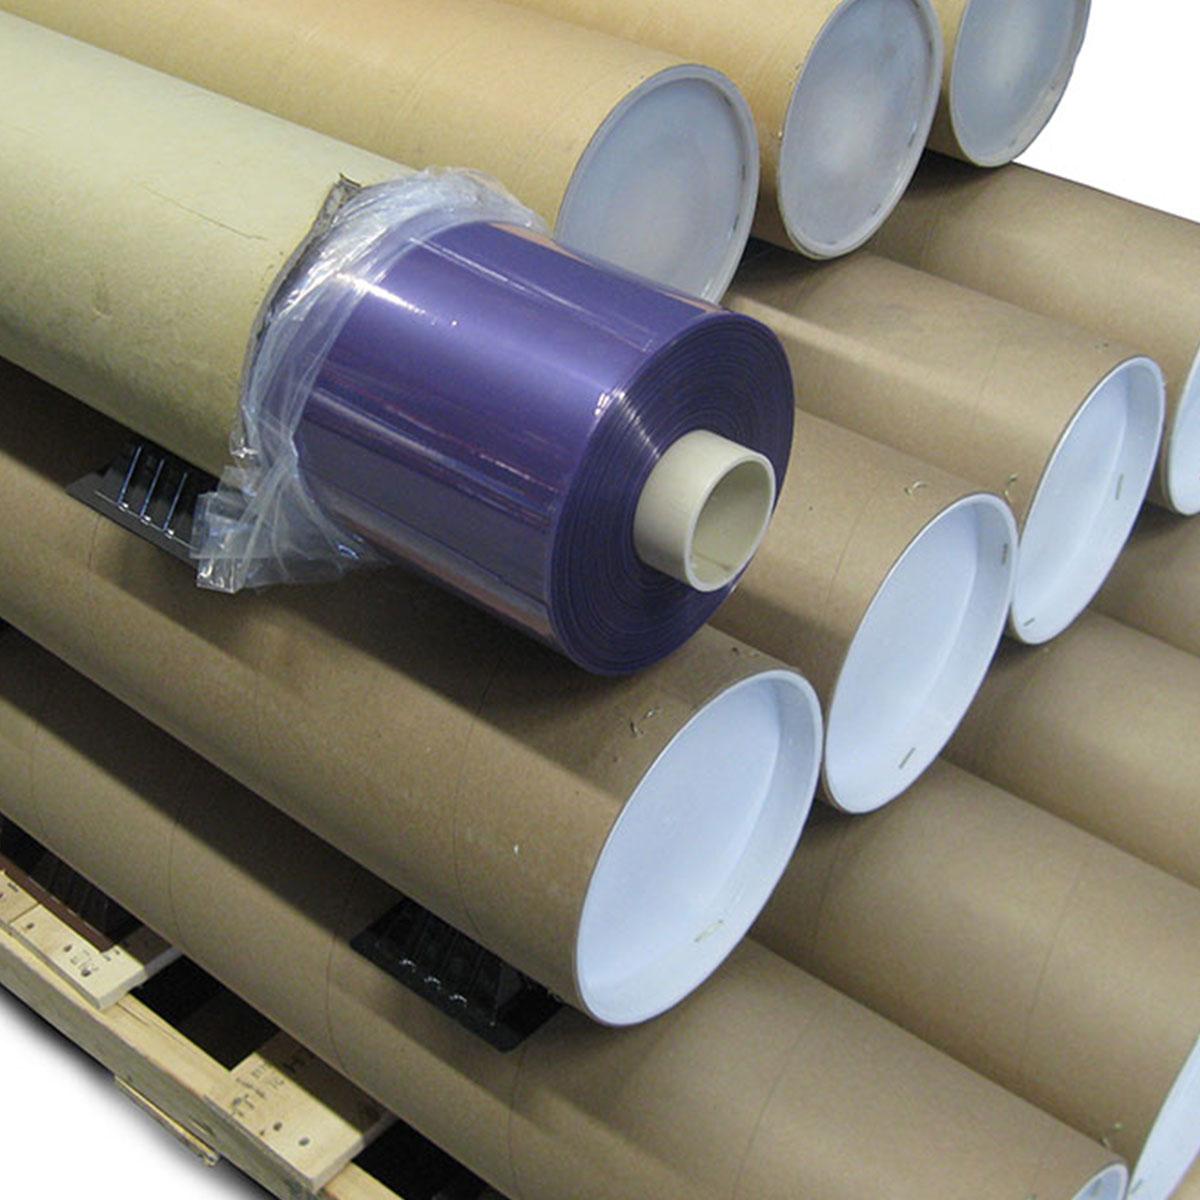 vakuum sack nylon 1000 lila 0076mm x 1000mm 440m 0003 x 40